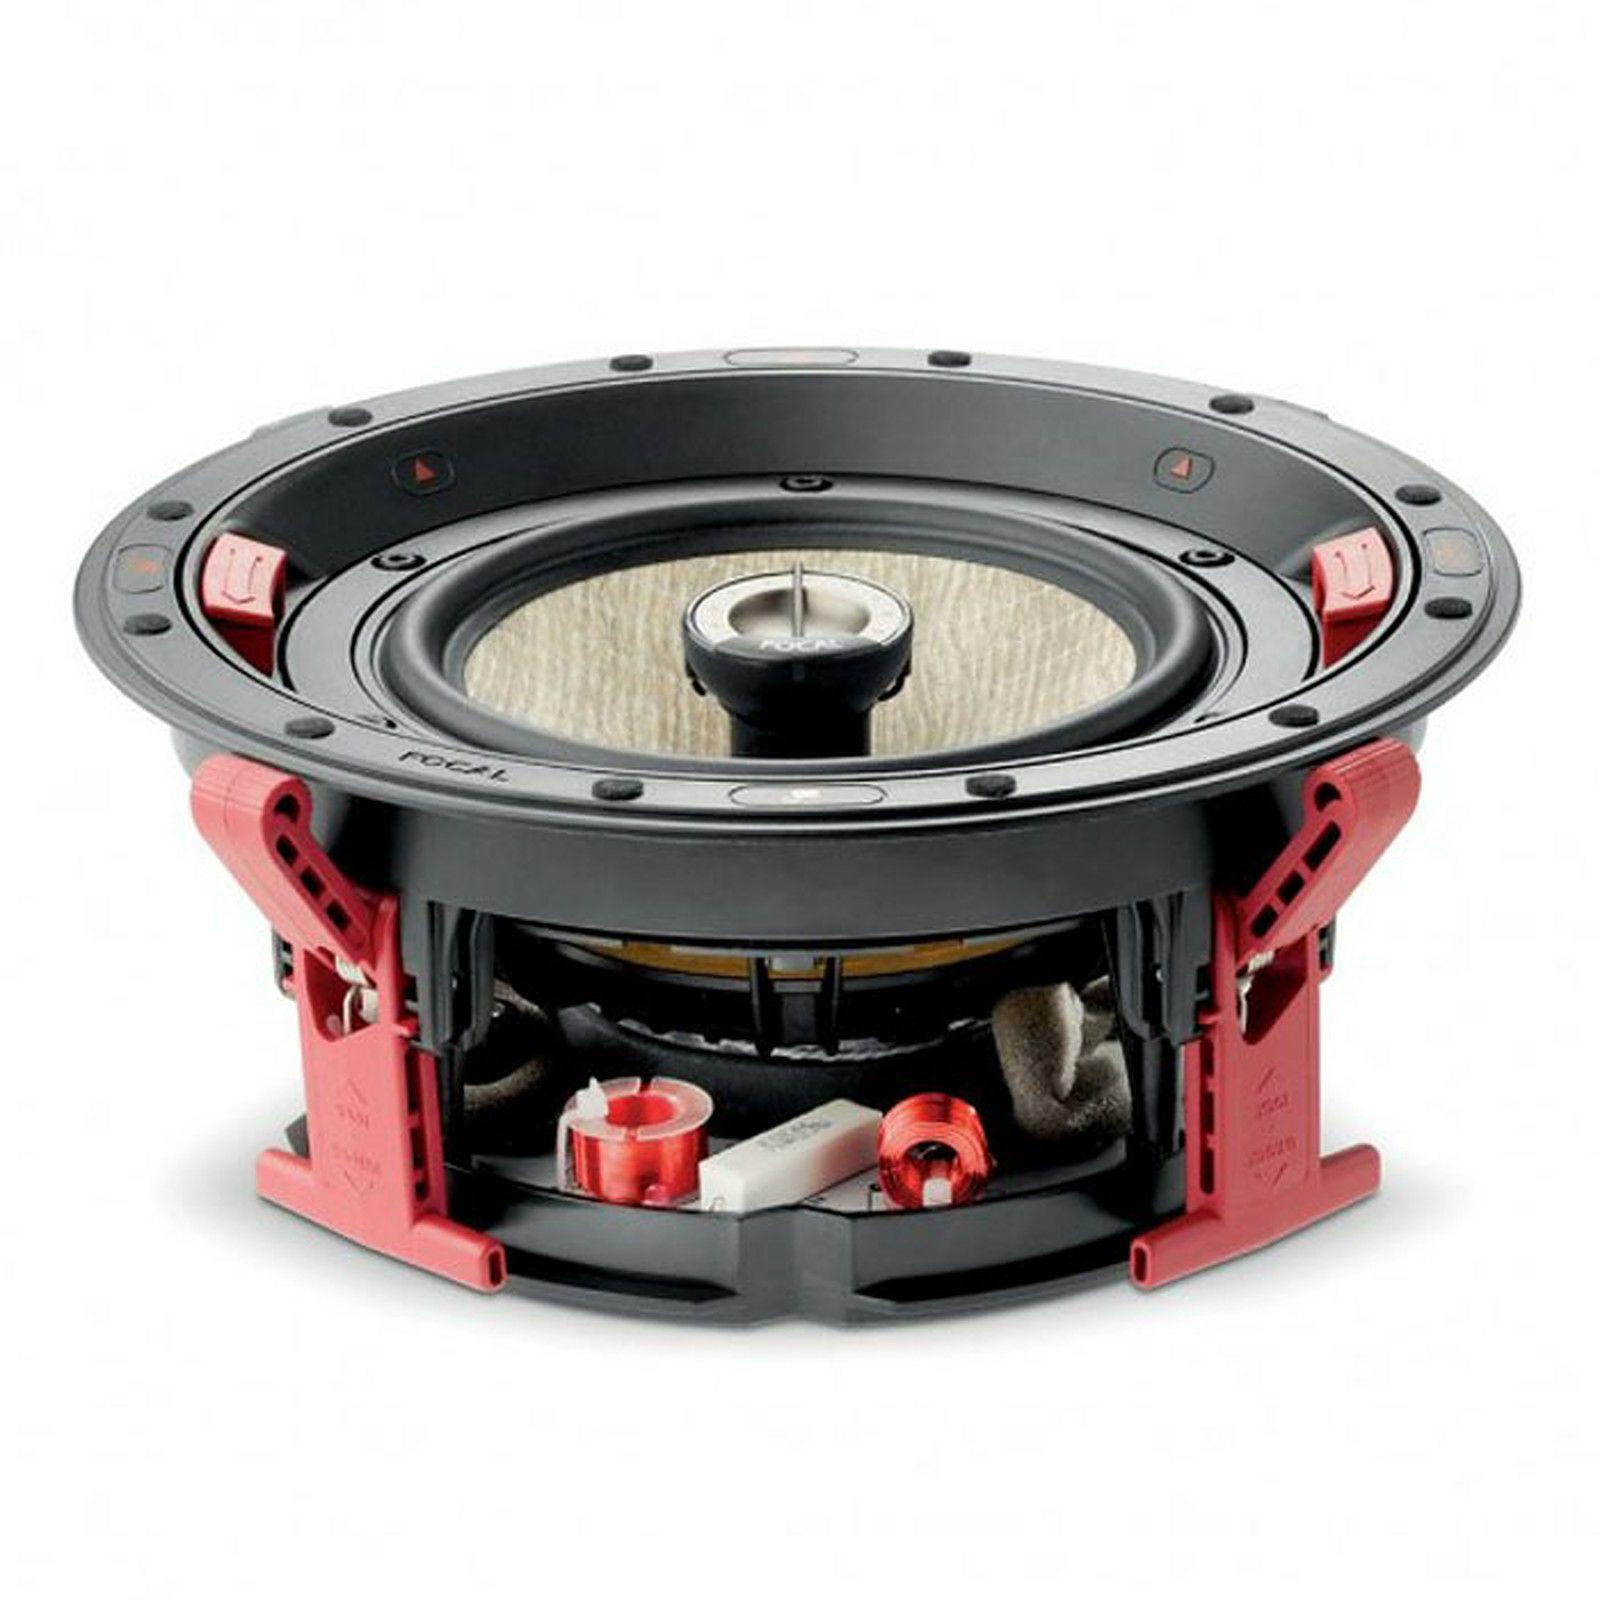 Focal 300 ICW 8 Koax-Einbaulautsprecher (2-Wege, 2,5cm Hochtöner, 21cm Tieftöner, 48Hz - 28kHz, 90dB, 8Ω)